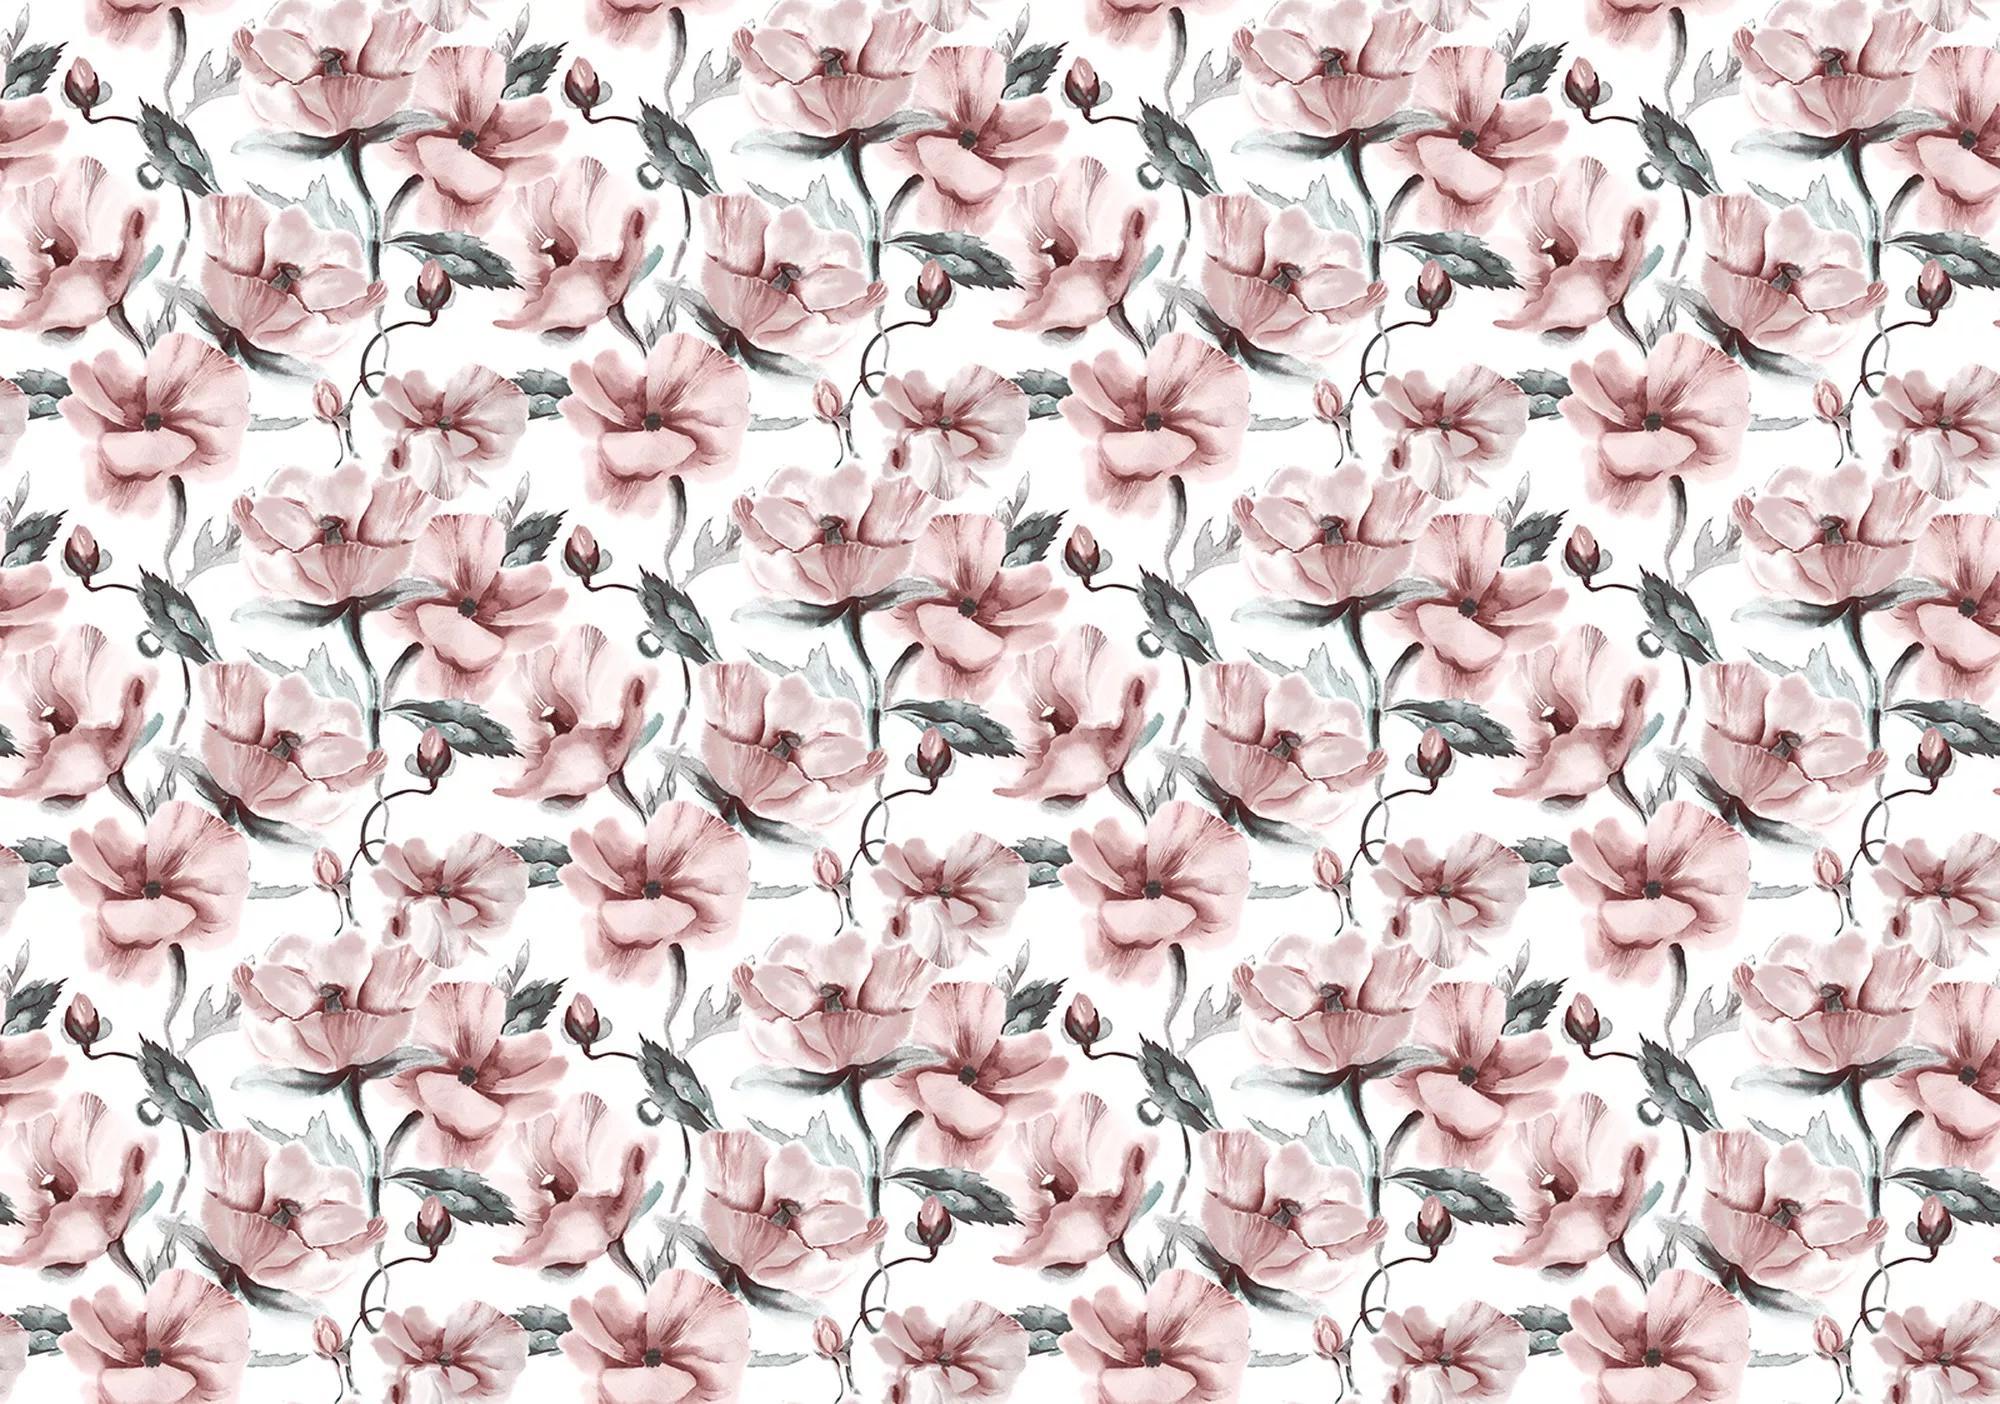 Fali poszter akvarell virágmintával pasztell színvilágban